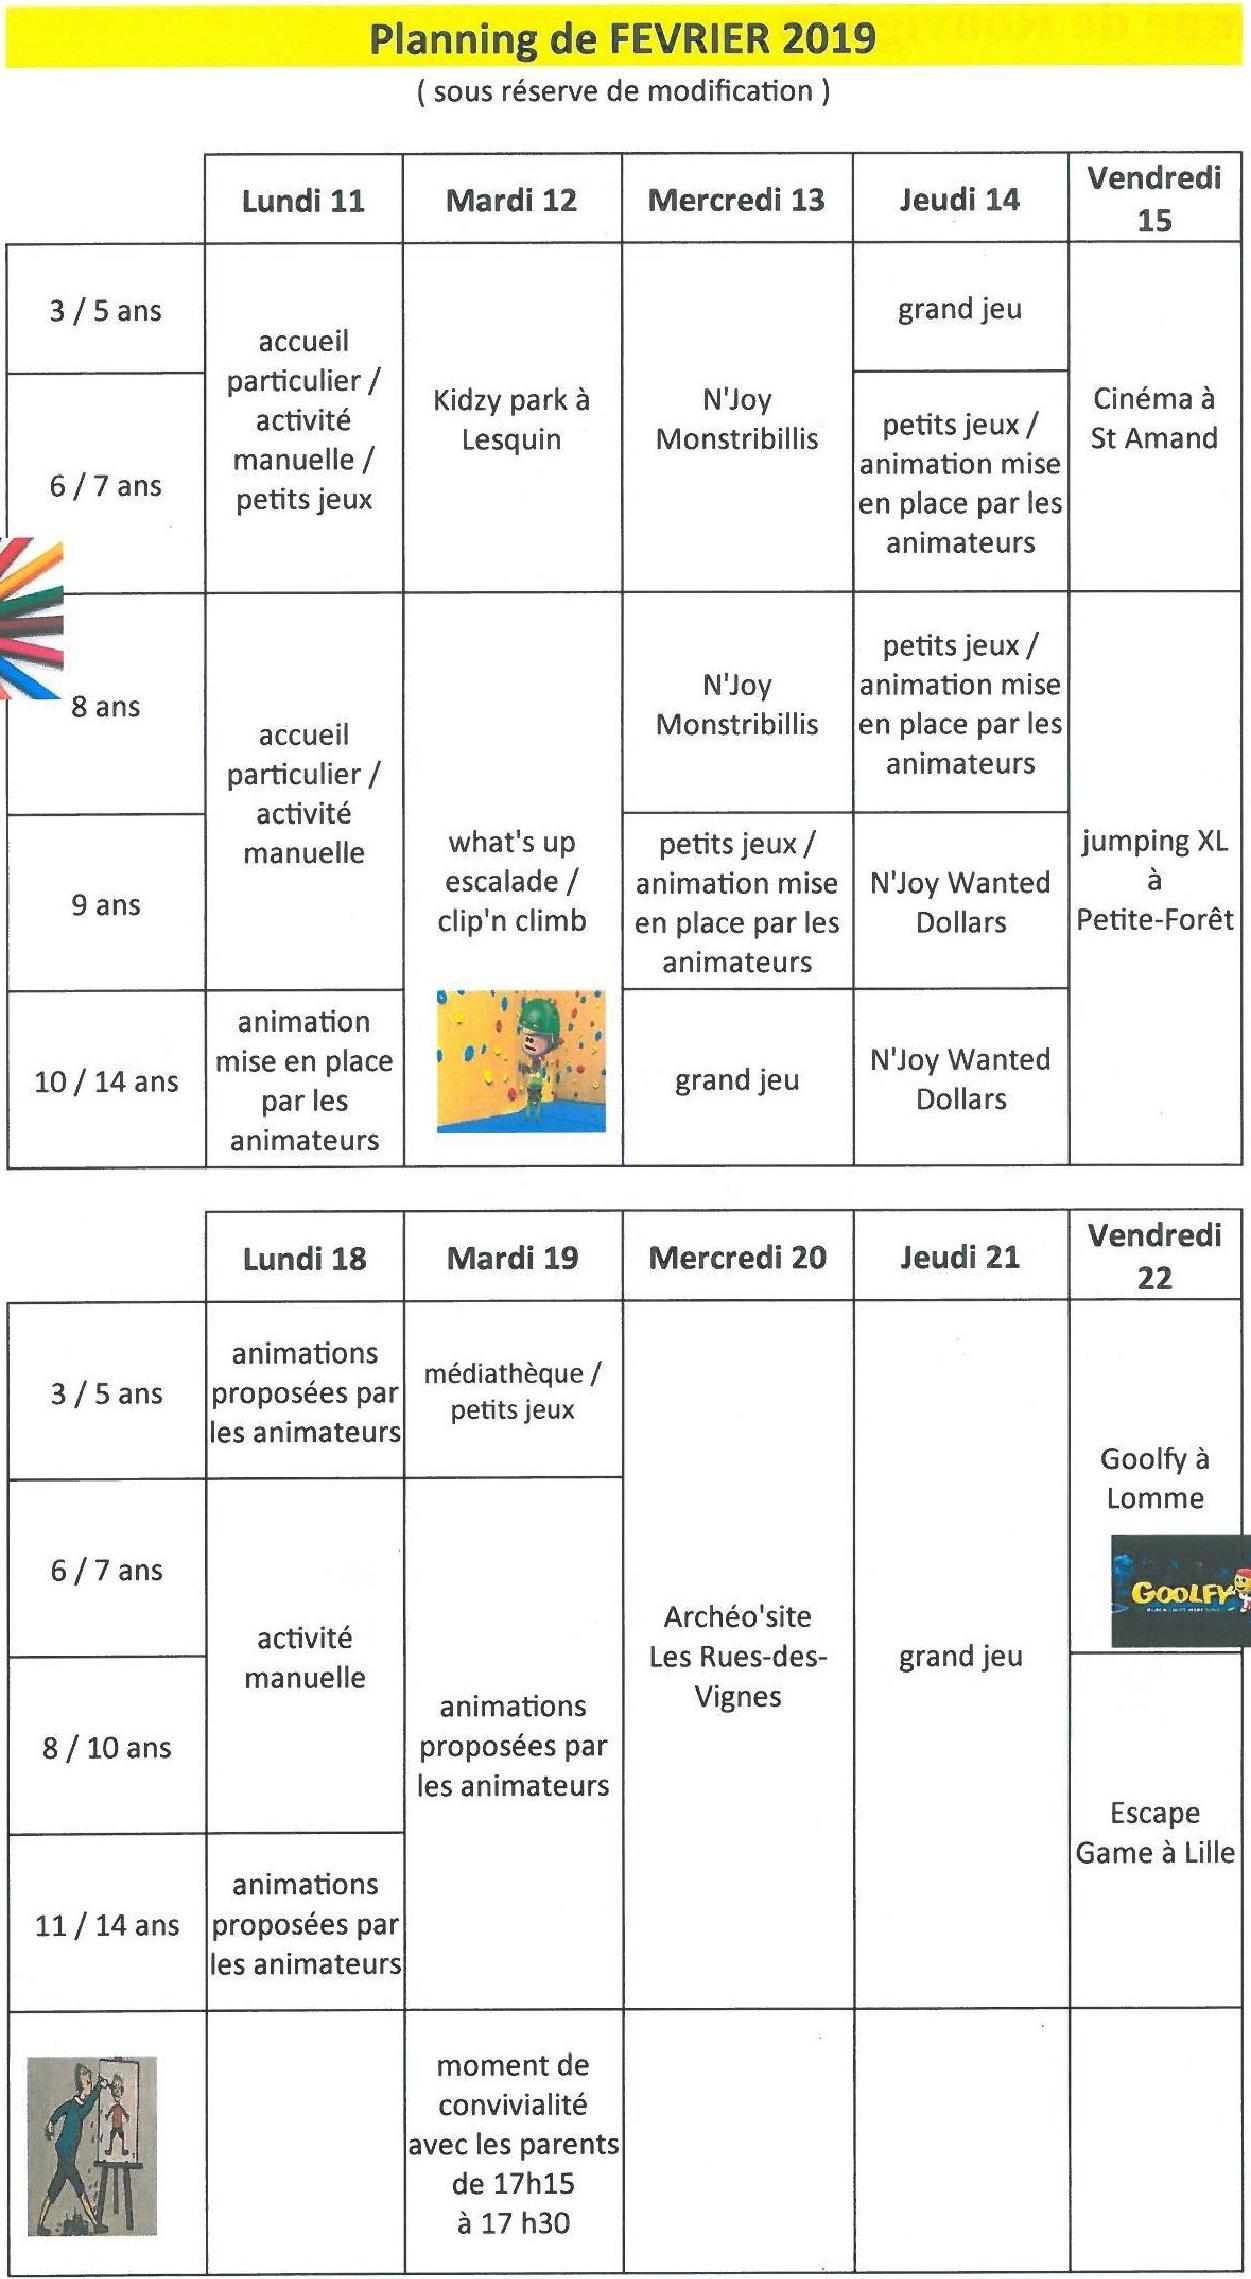 Extraordinaire Activités Manuelles Centre De Loisirs 6 10 Ans centre de loisirs